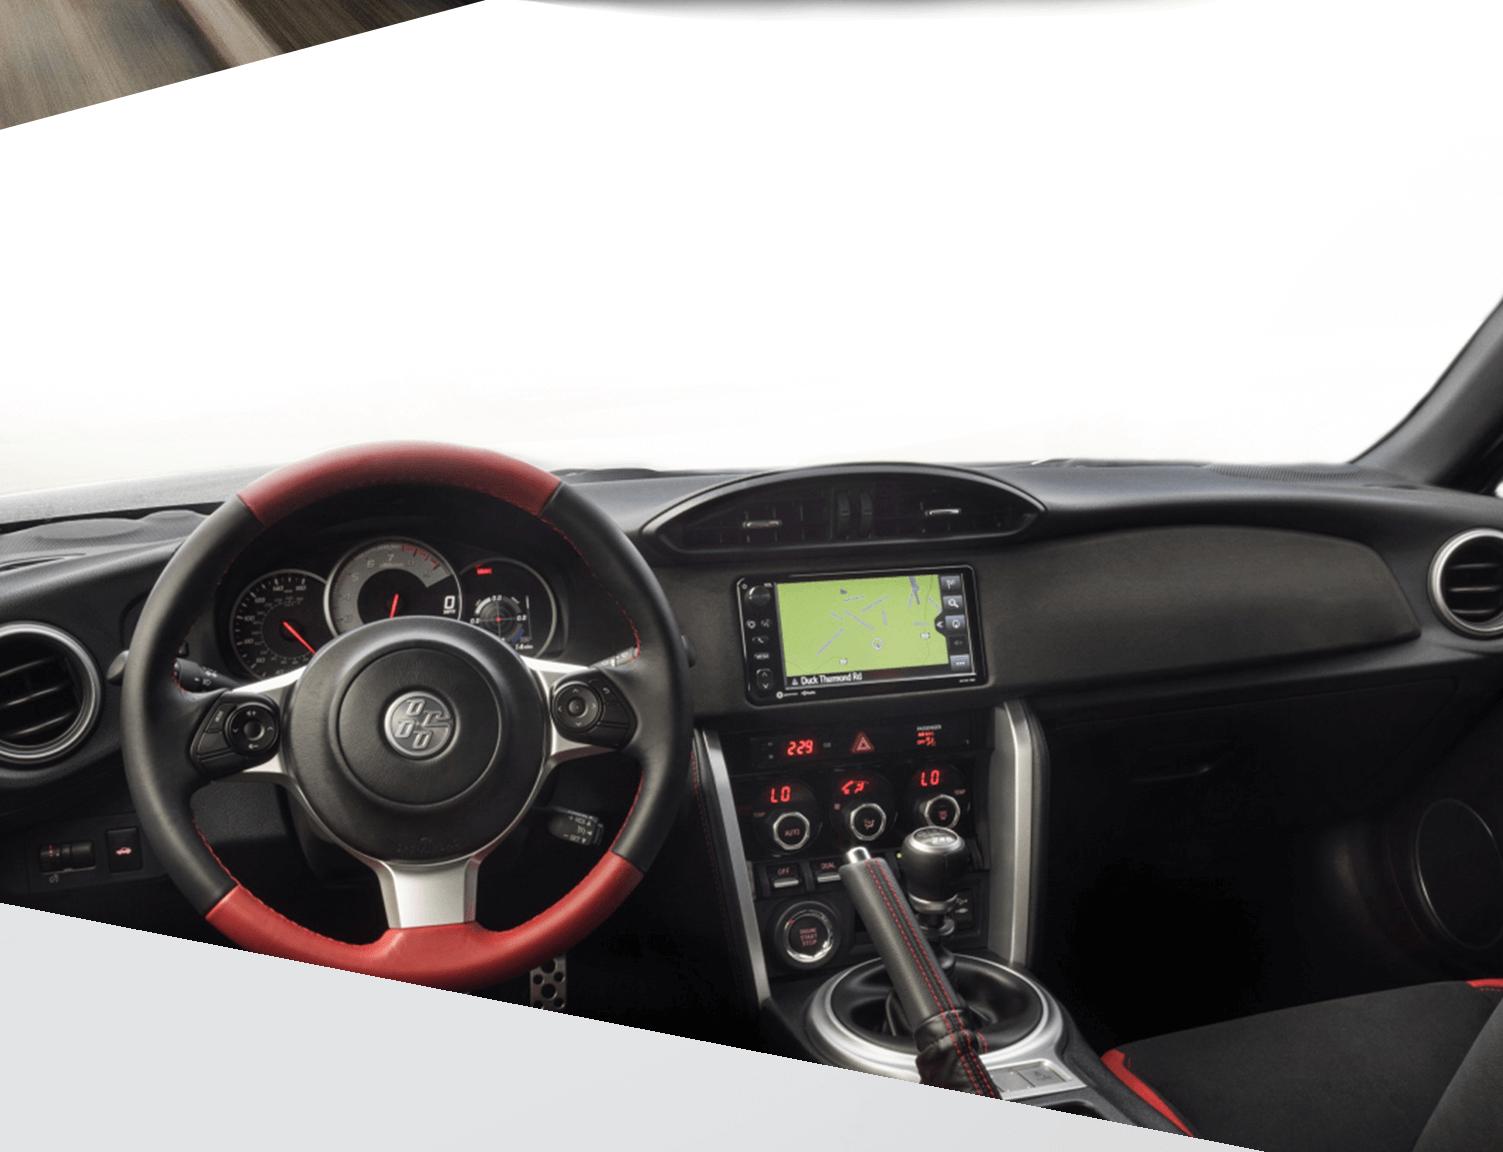 Focused Cockpit